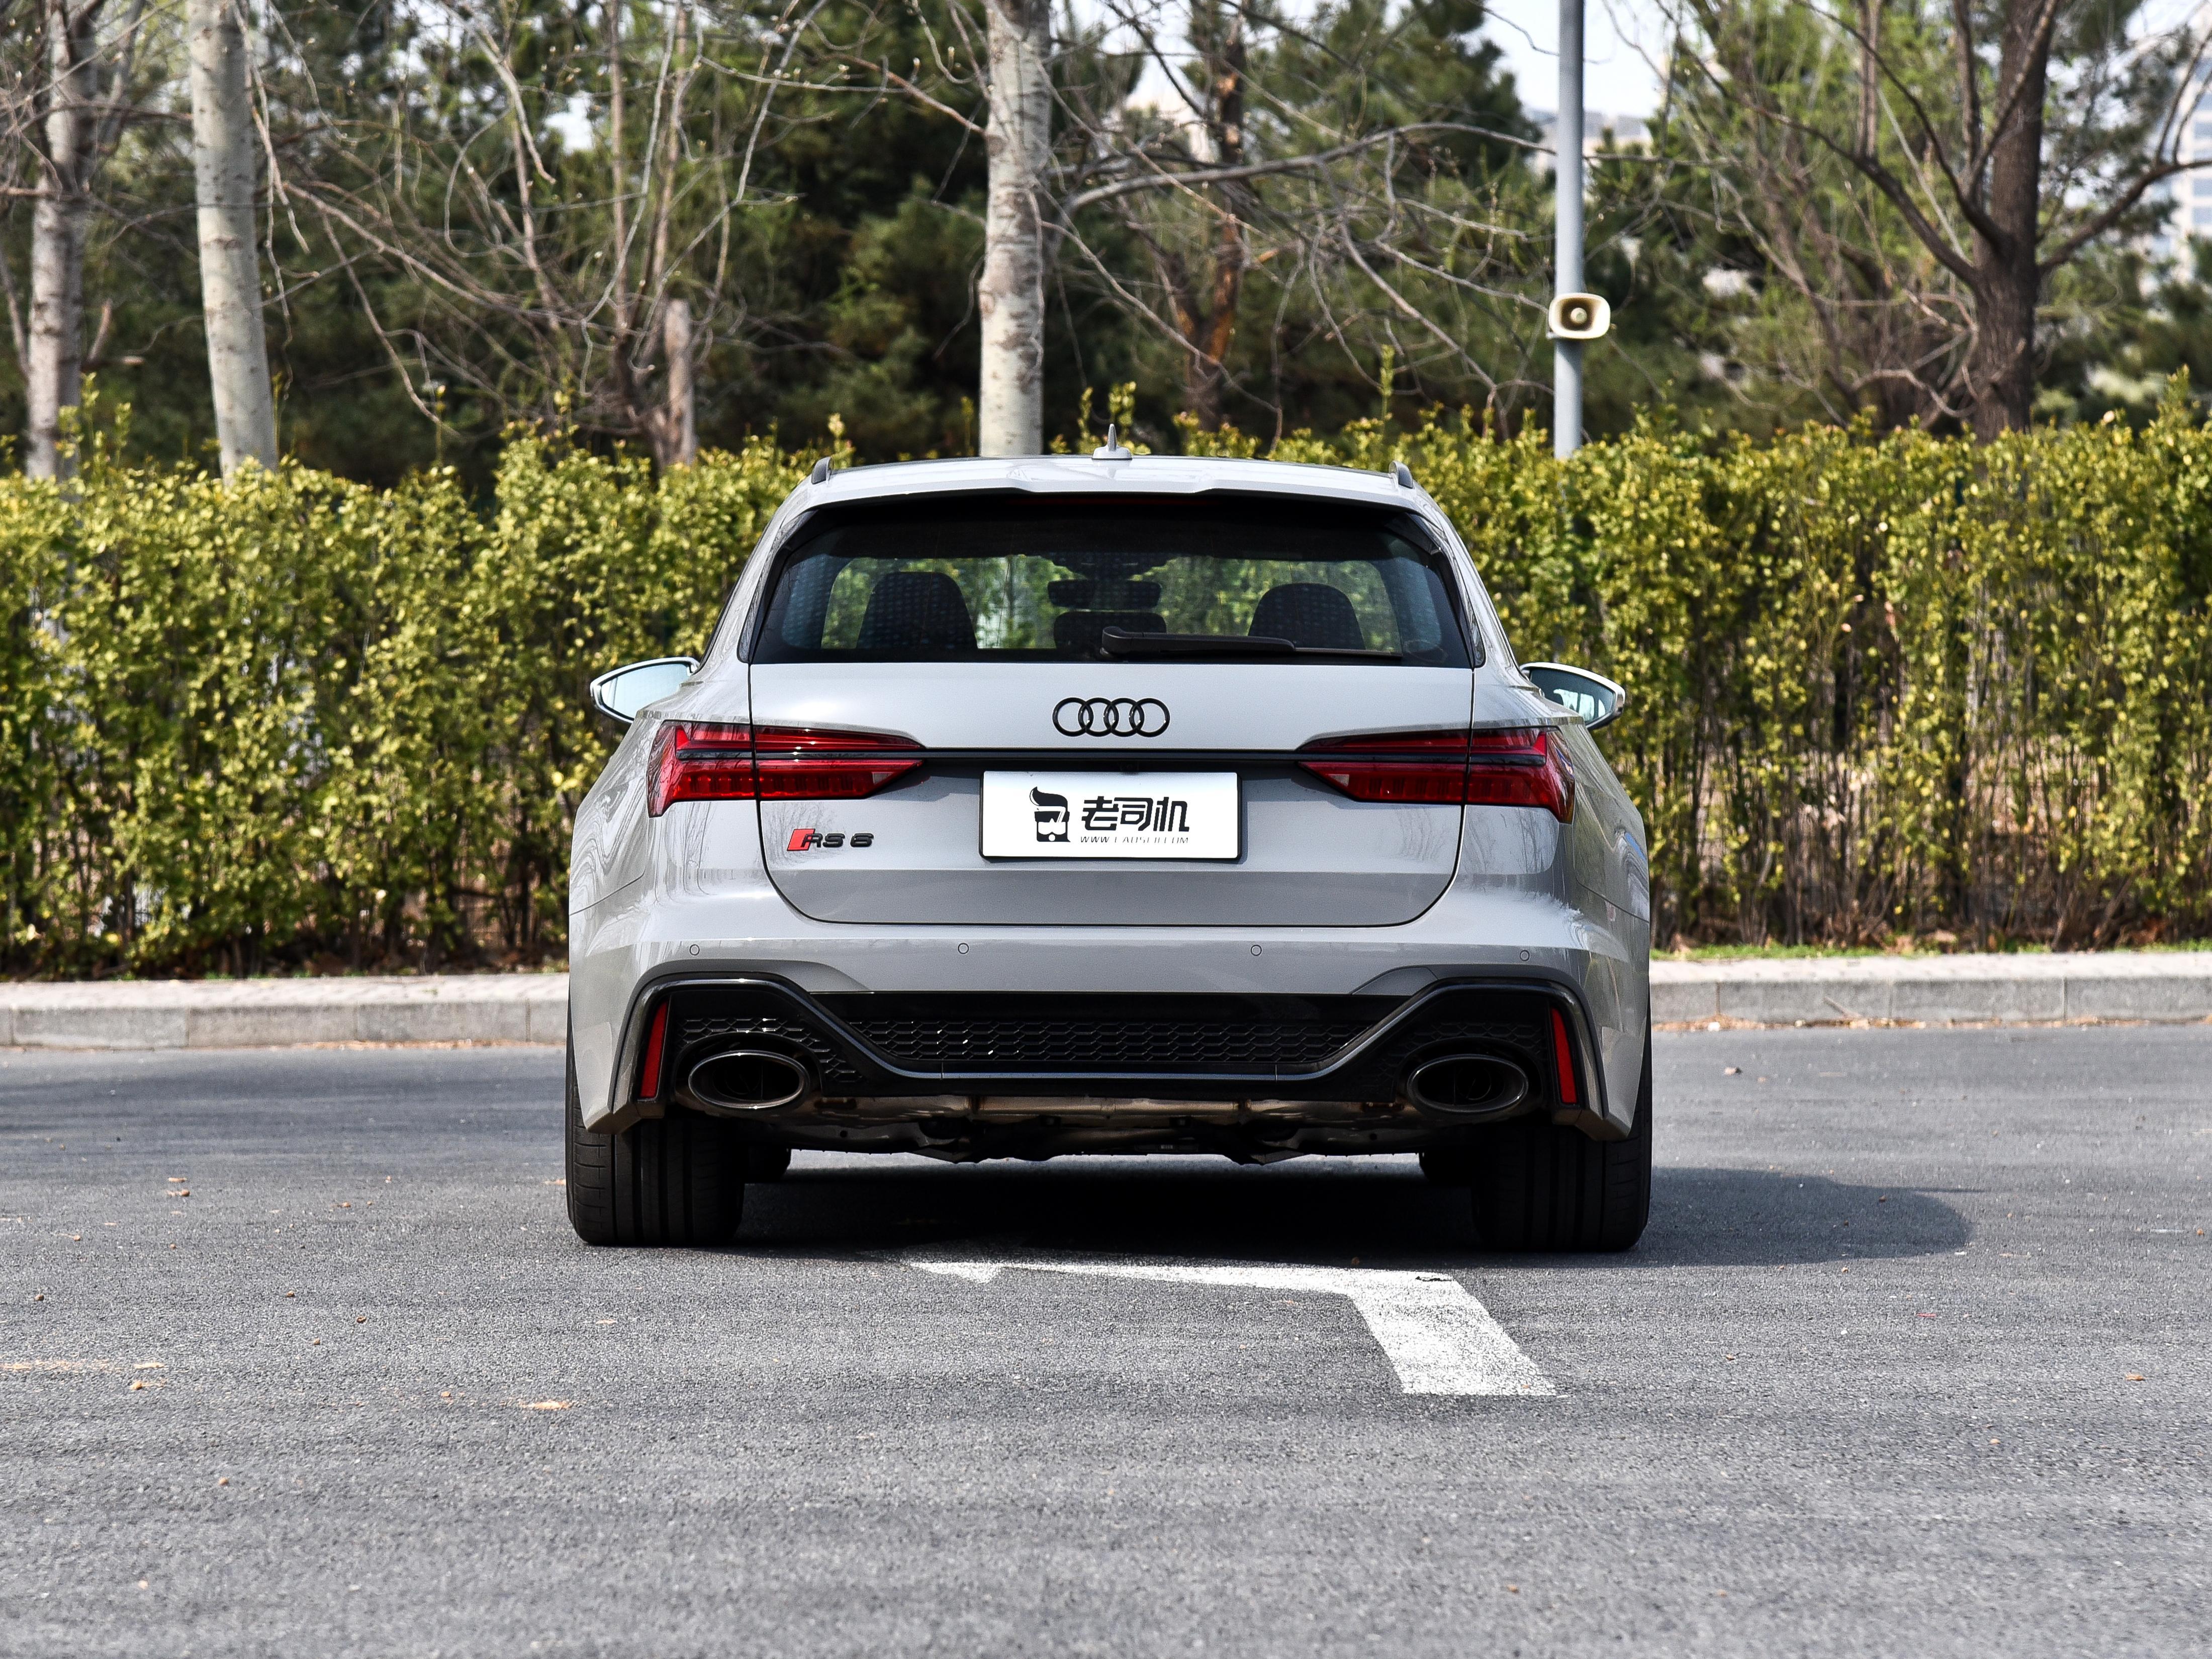 大V8的進口奧迪高端車,性能強悍後備箱還特別大,實拍奧迪RS 6-圖3